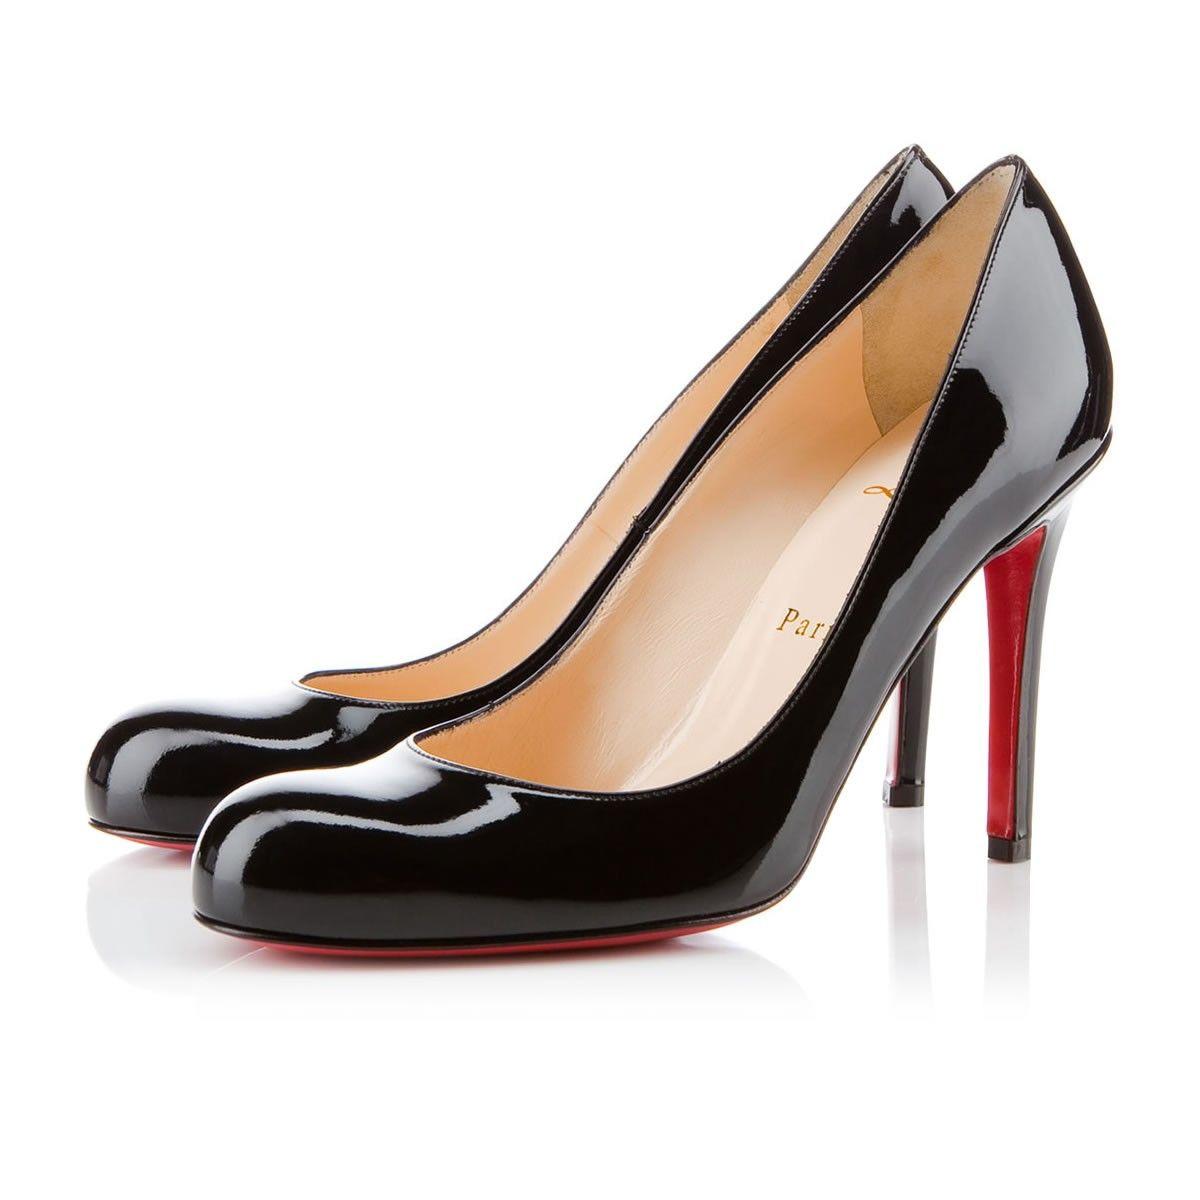 d2d09ccf4e8 SIMPLE PUMP PATENT 100 mm, Patent leather, black, pumps, womens ...